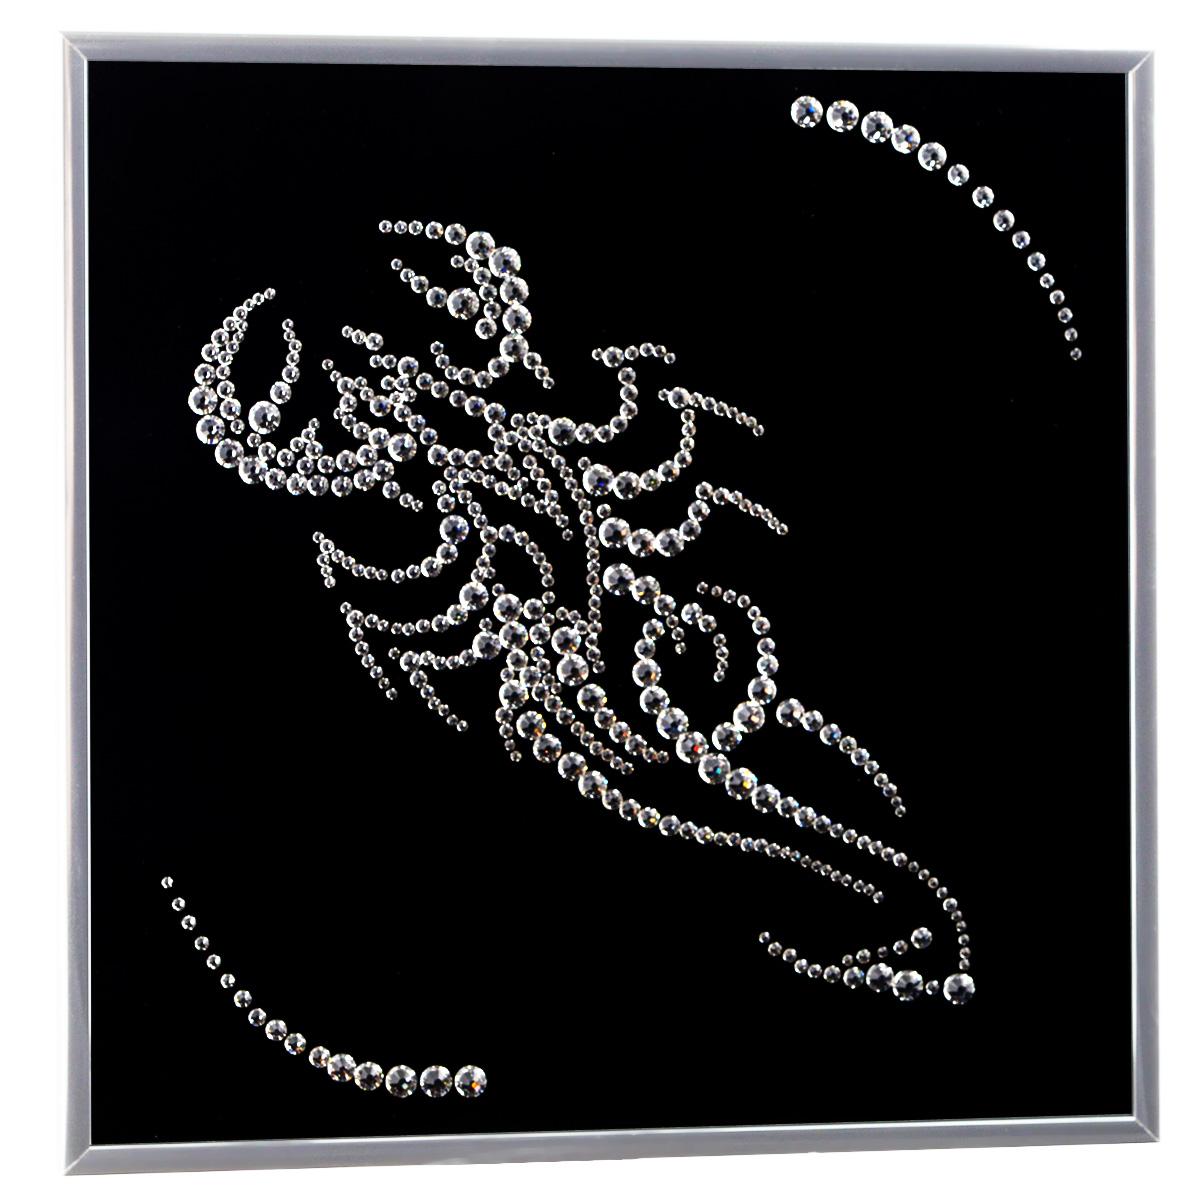 Картина с кристаллами Swarovski Знак зодиака. Скорпион, 26 см х 26 см296664Изящная картина в металлической раме, инкрустирована кристаллами Swarovski в виде знака зодиака - скорпион. Кристаллы Swarovski отличаются четкой и ровной огранкой, ярким блеском и чистотой цвета. Под стеклом картина оформлена бархатистой тканью, что прекрасно дополняет блеск кристаллов. С обратной стороны имеется металлическая петелька для размещения картины на стене. Картина с кристаллами Swarovski Знак зодиака. Скорпион элегантно украсит интерьер дома или офиса, а также станет прекрасным подарком, который обязательно понравится получателю. Блеск кристаллов в интерьере, что может быть сказочнее и удивительнее. Картина упакована в подарочную картонную коробку синего цвета и комплектуется сертификатом соответствия Swarovski.